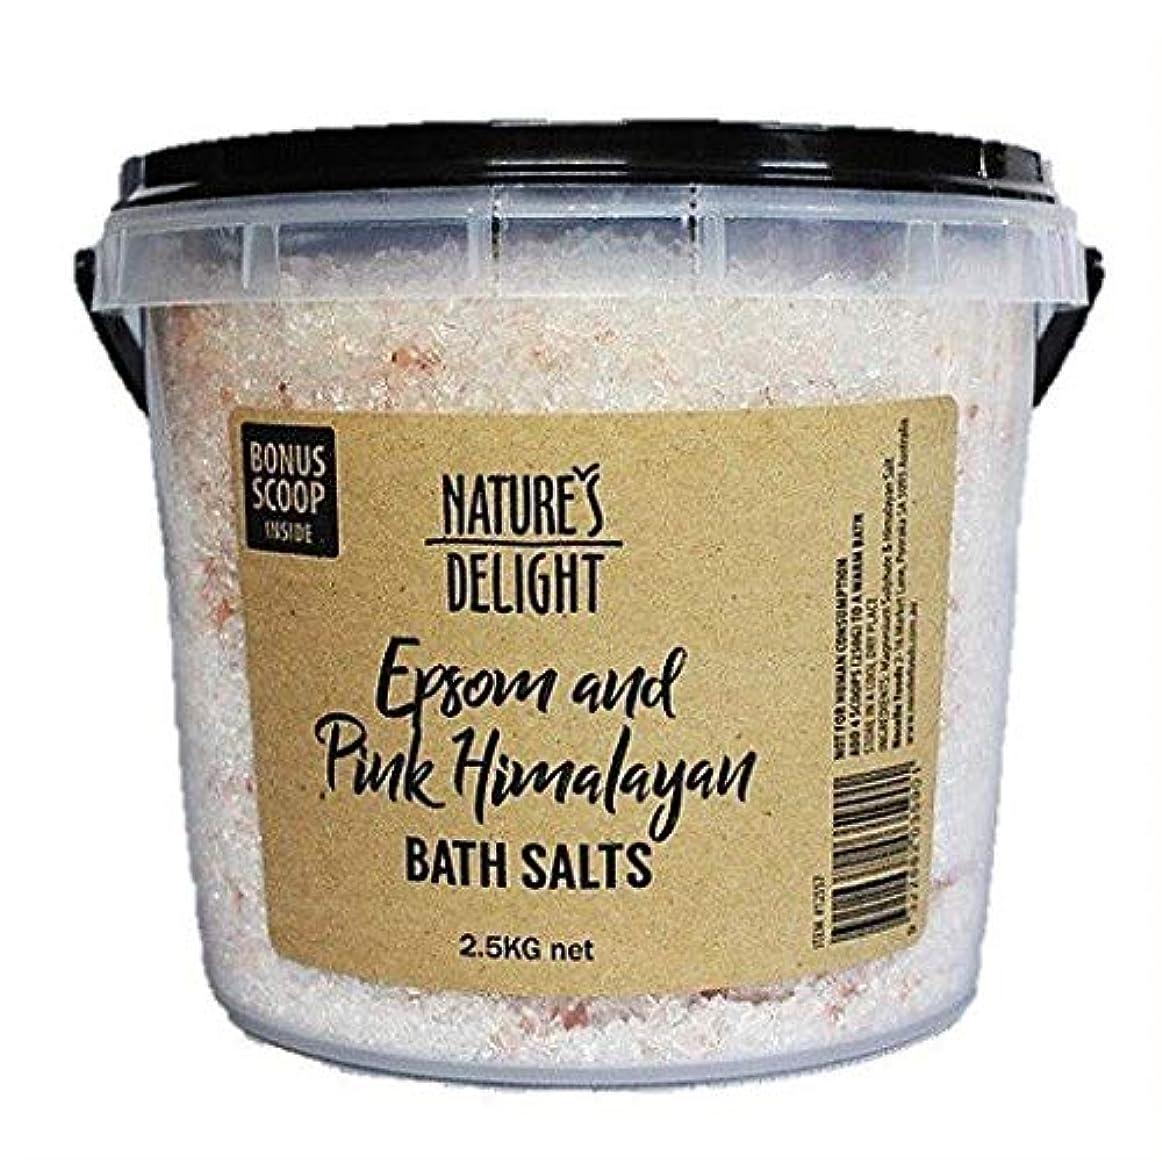 嫌な発疹寝るヒマラヤ岩塩 エプソムソルト&ピンクヒマラヤ バスソルト 2.5kg 専用計量スプーン付